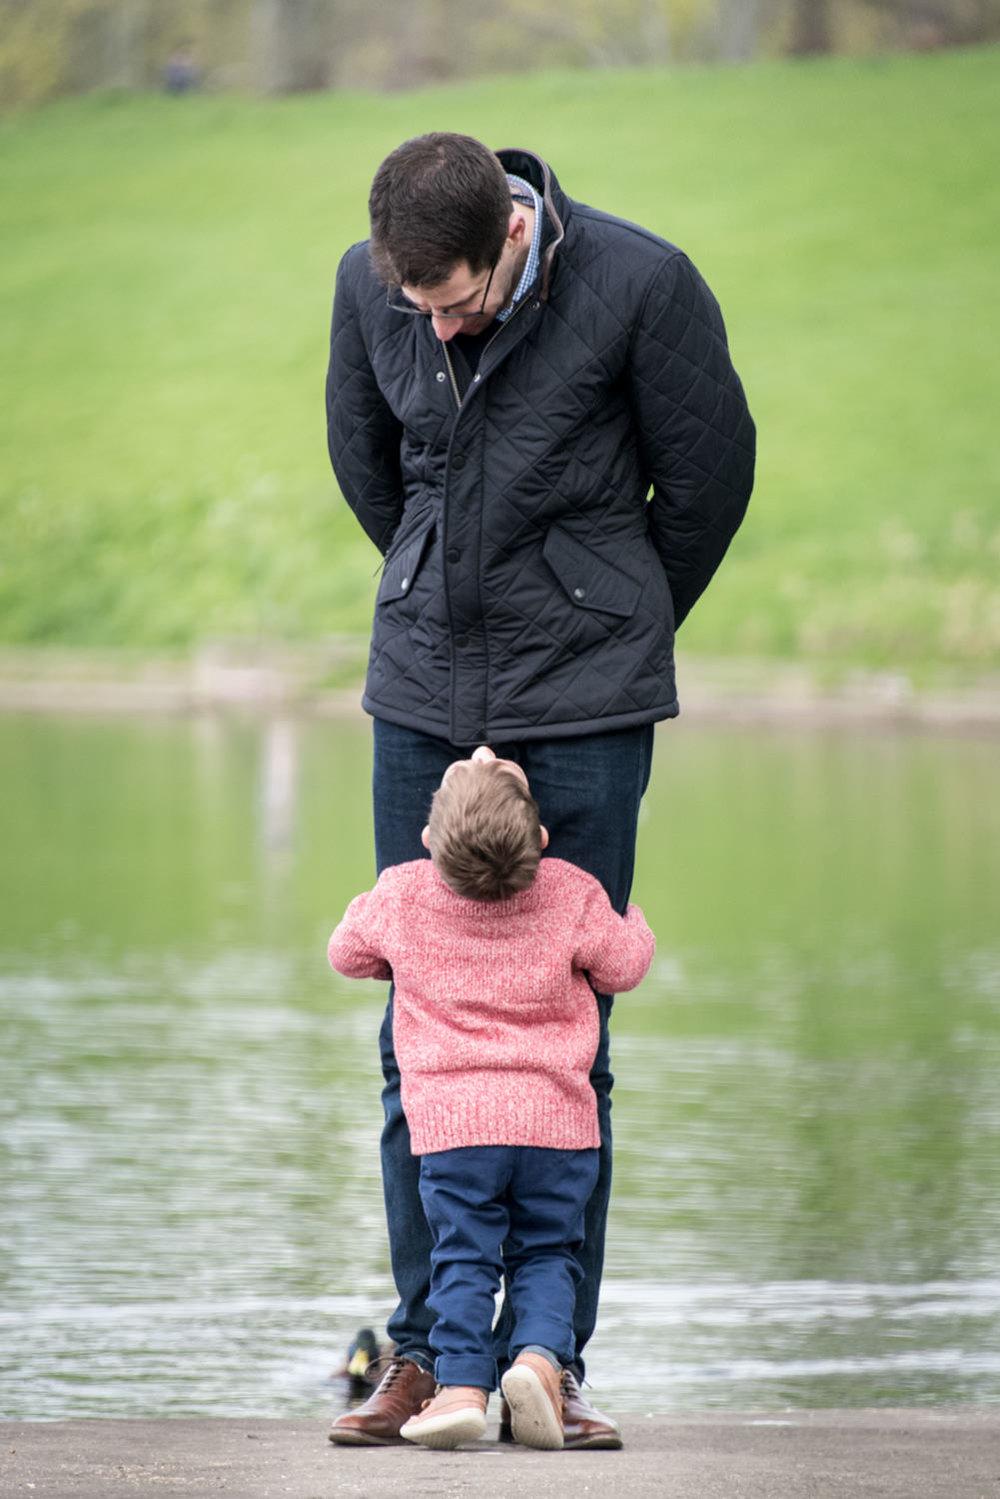 Edinburgh Family Photo Shoot - Inverleith Park 04